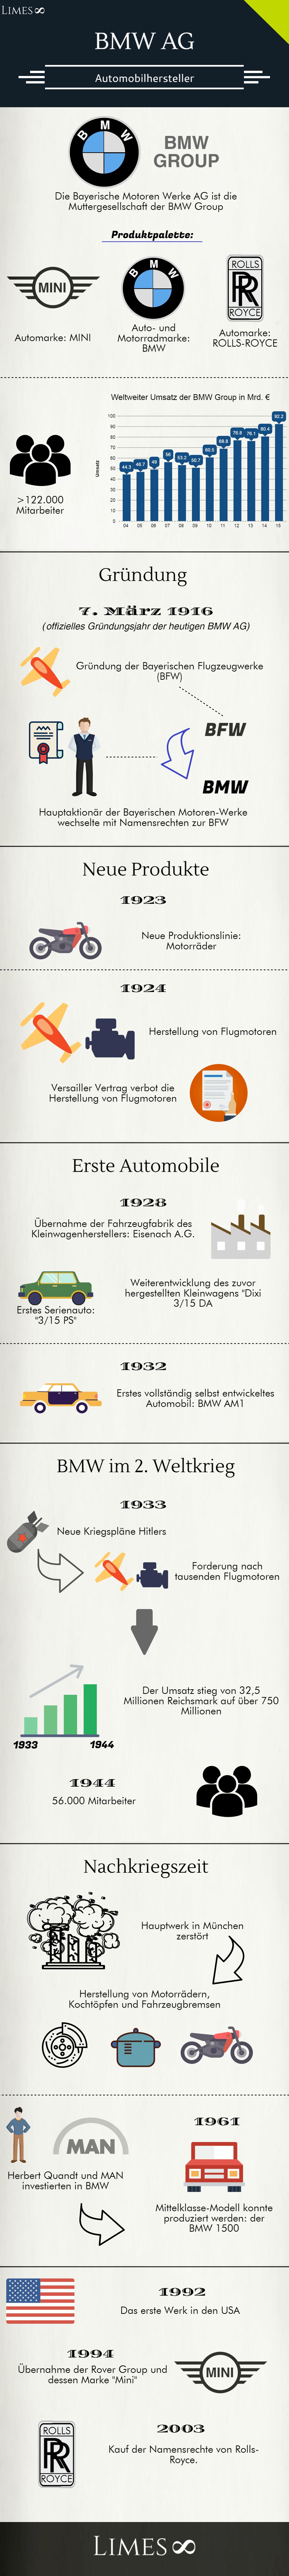 Infografik über die BMW AG